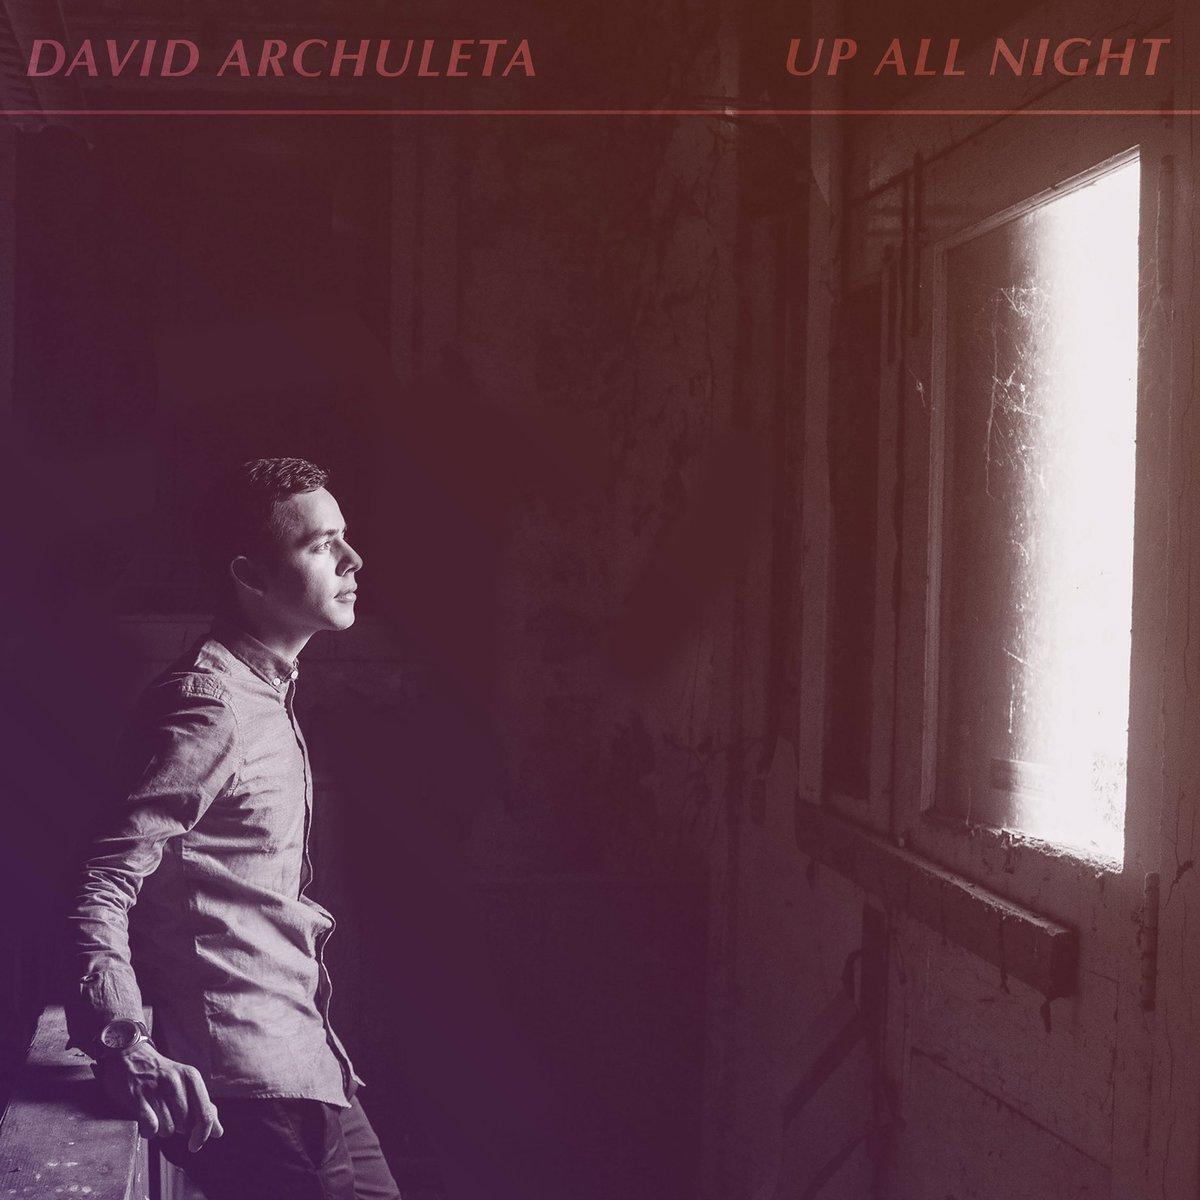 دانلود آهنگ جدید David Archuleta به نام Up All Night